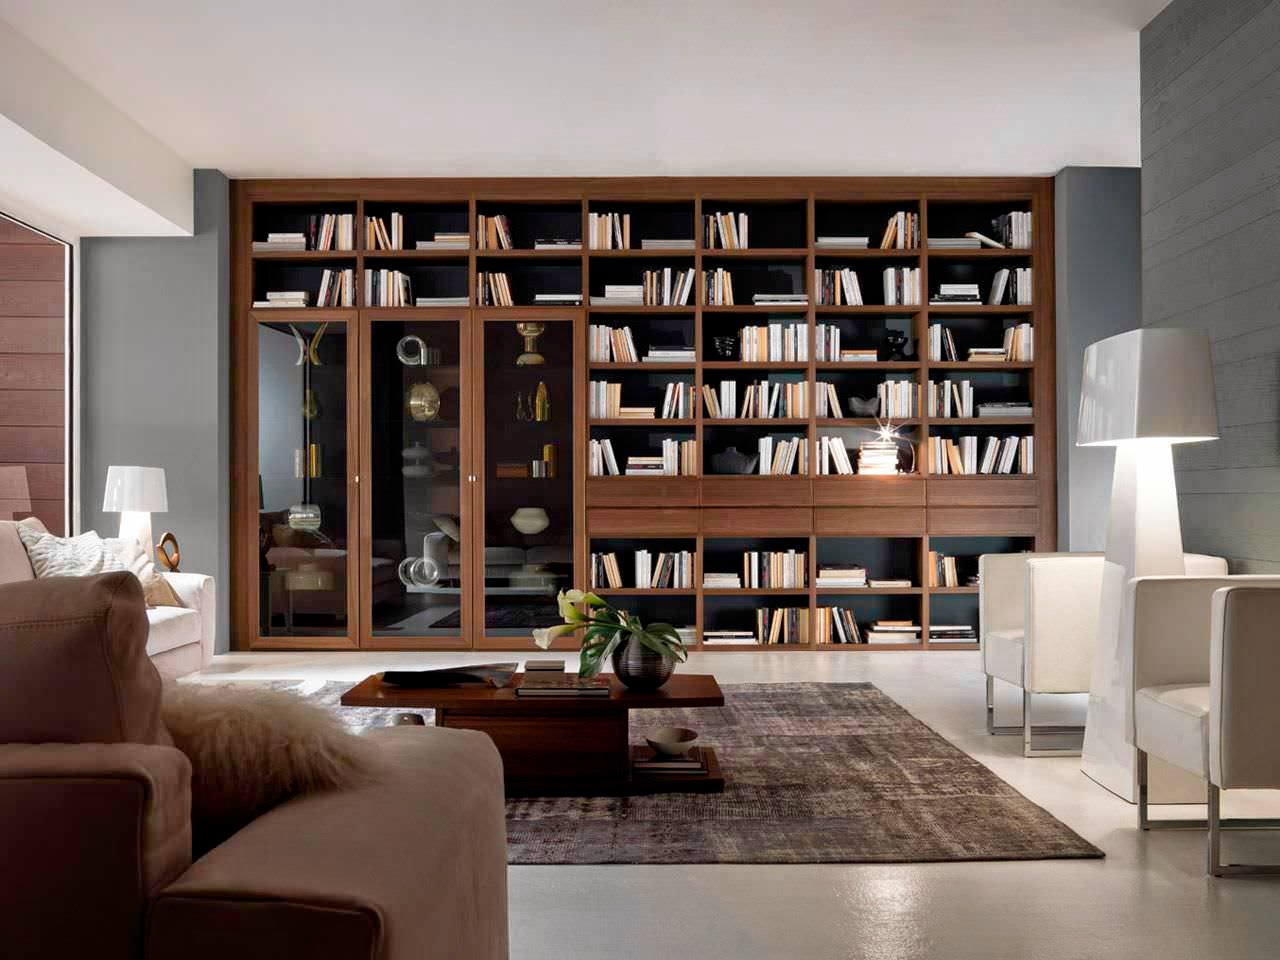 Muebles bibliotecas modernas elegant muebles bibliotecas for Bibliotecas muebles modernos